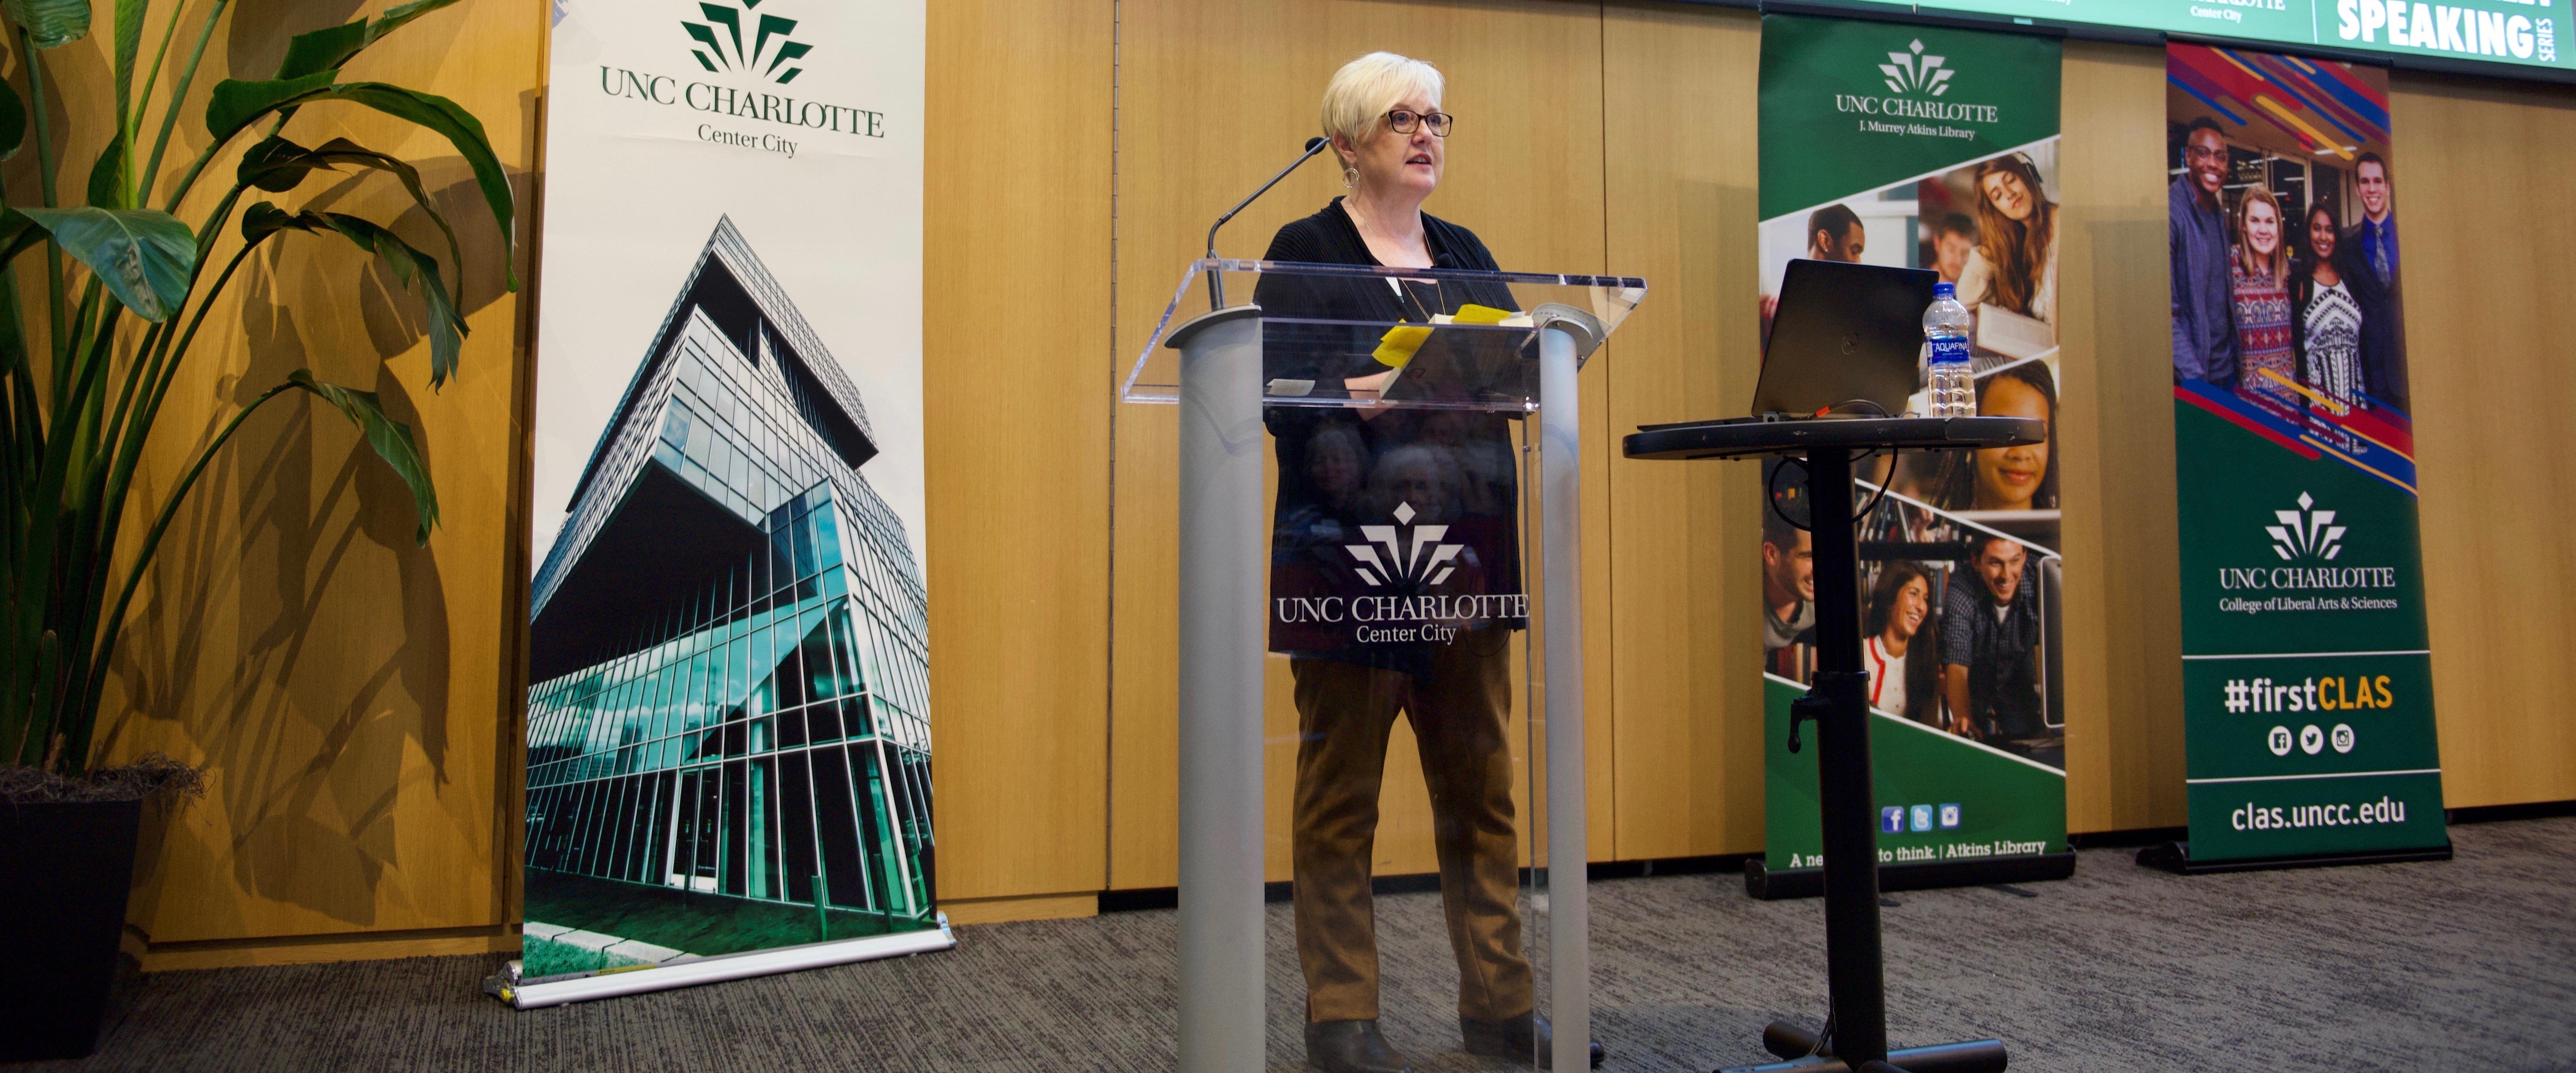 Karen Cox giving a talk